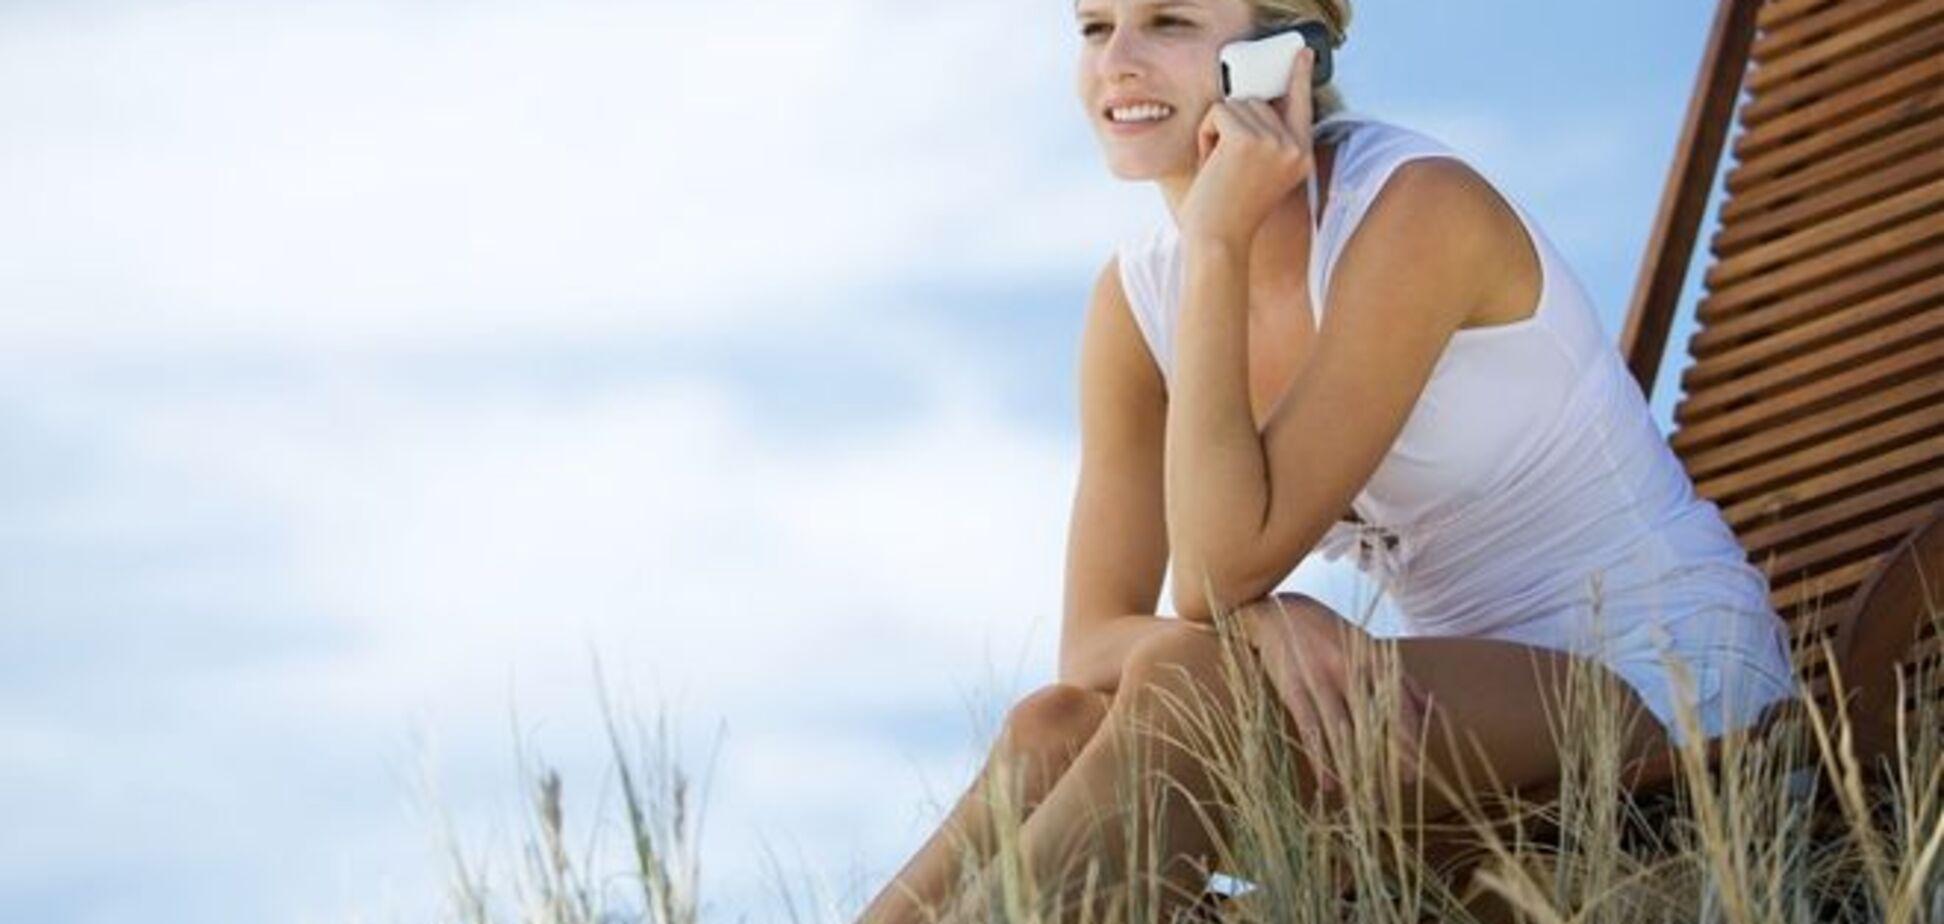 АМКУ: тарифы на мобильную связь должны меняться с согласия абонентов